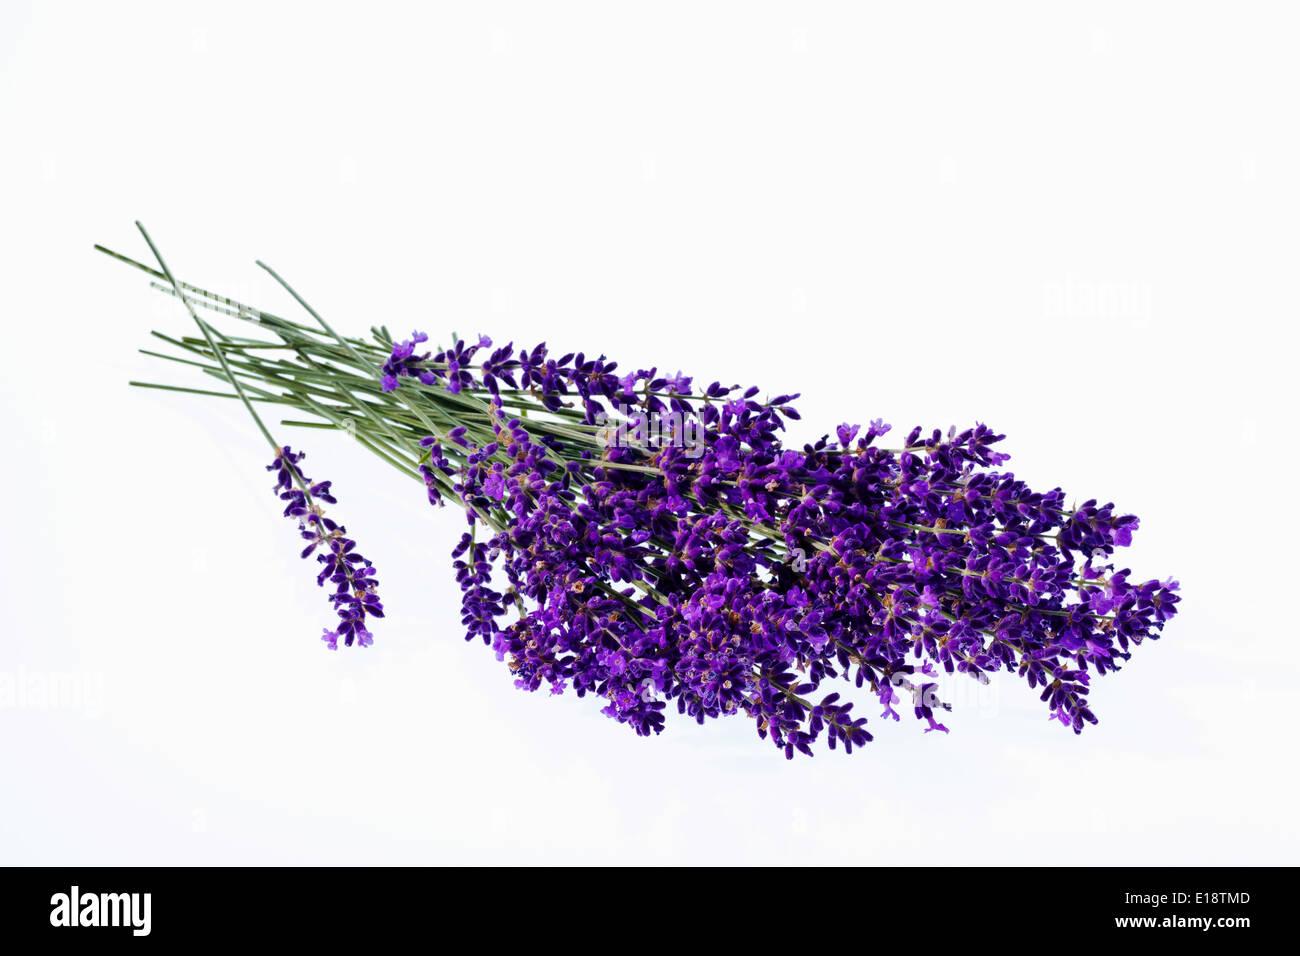 Lavendel Blüten isoliert vor weißem Hintergrund. Lila Sommerblumen. - Stock Image